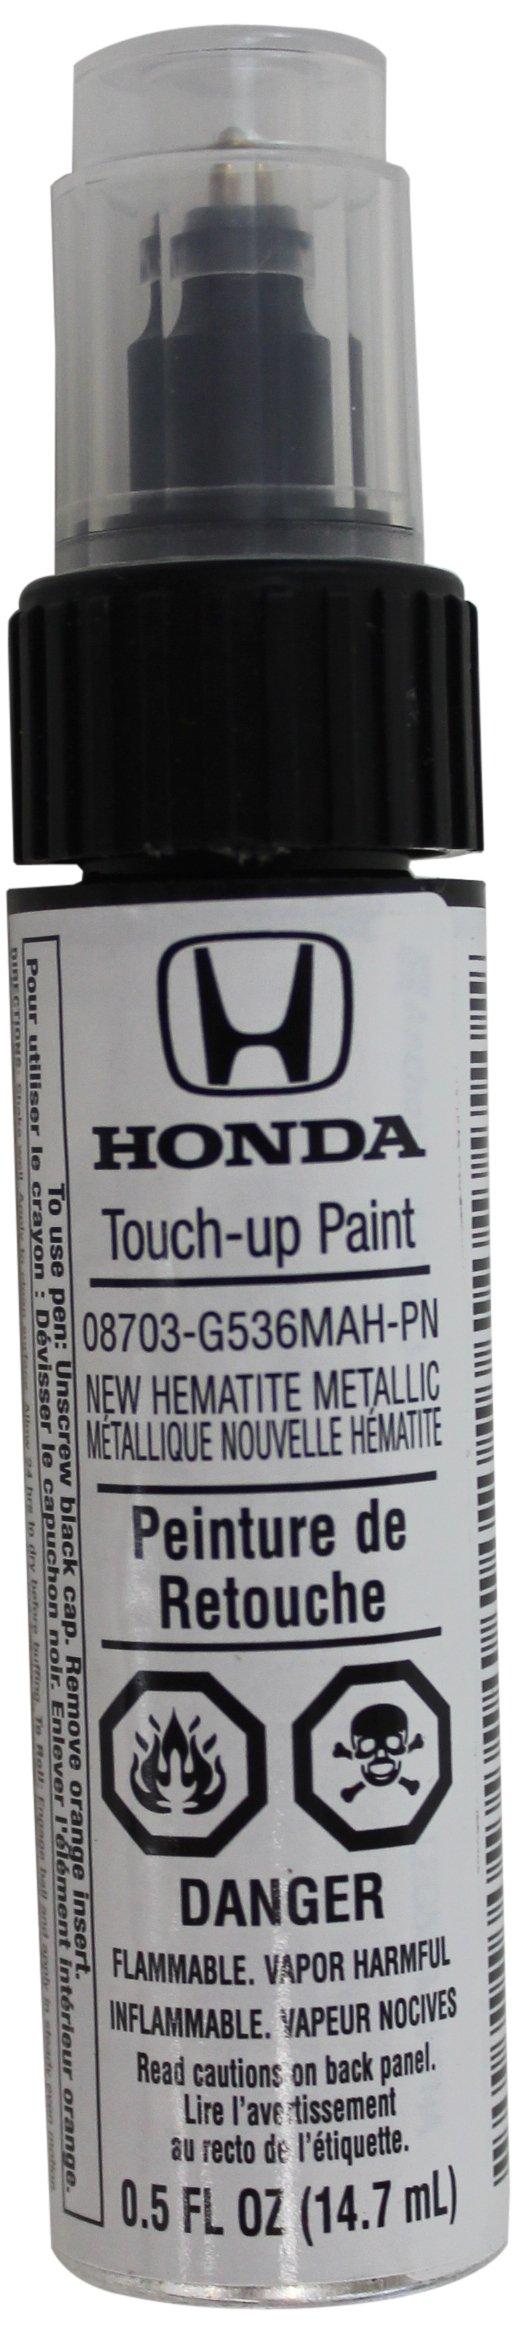 Genuine Honda Accessories 08703-G536MAH-PN Hematite Metallic Touch-Up Paint